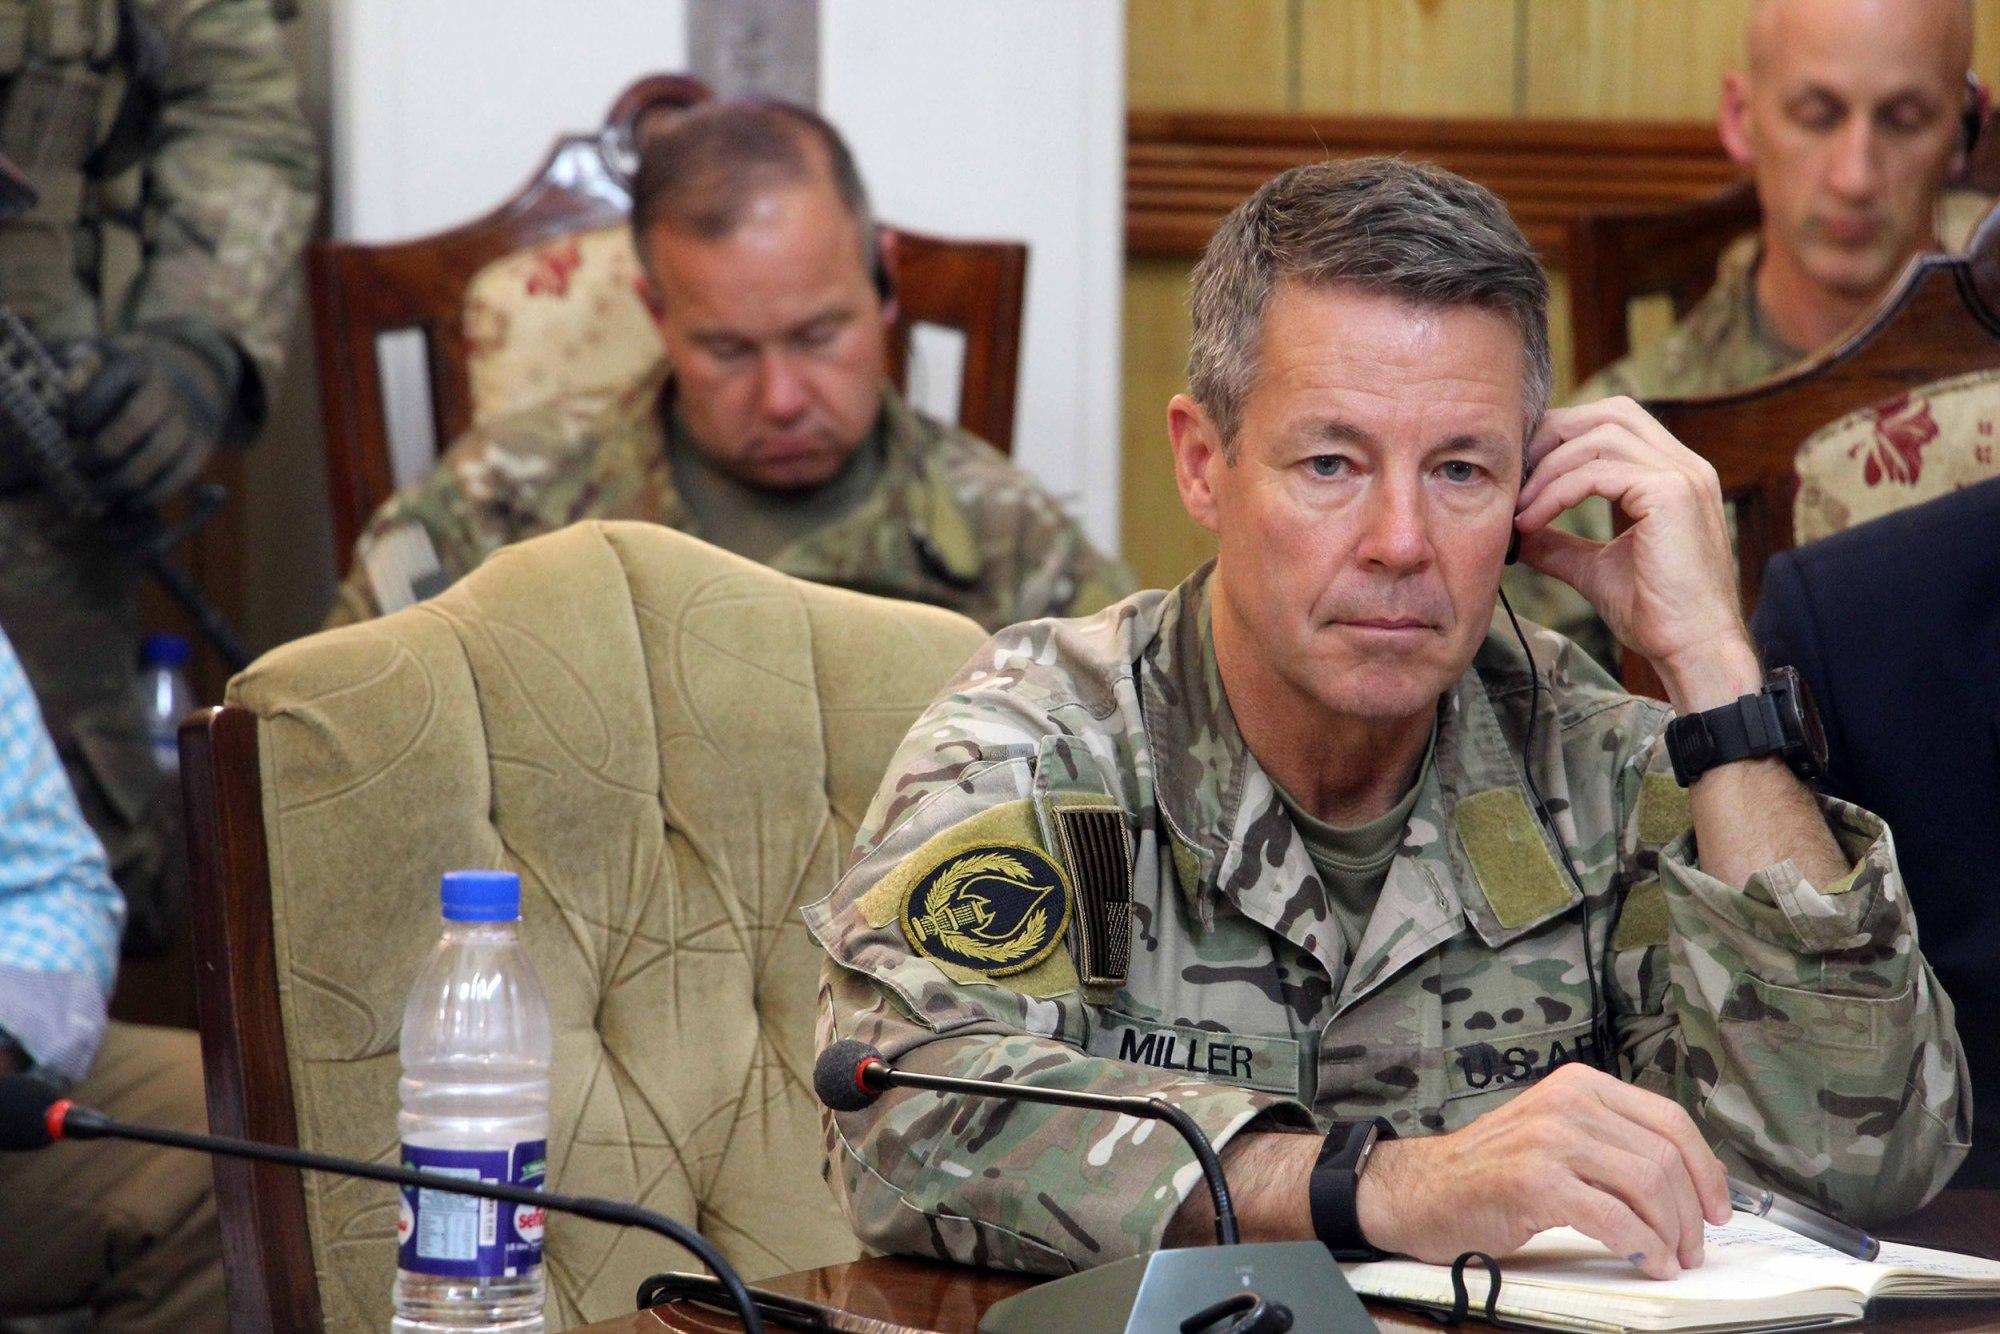 جنرال مېلر: افغانستان کې د سیاسي حل وخت رارسېدلی